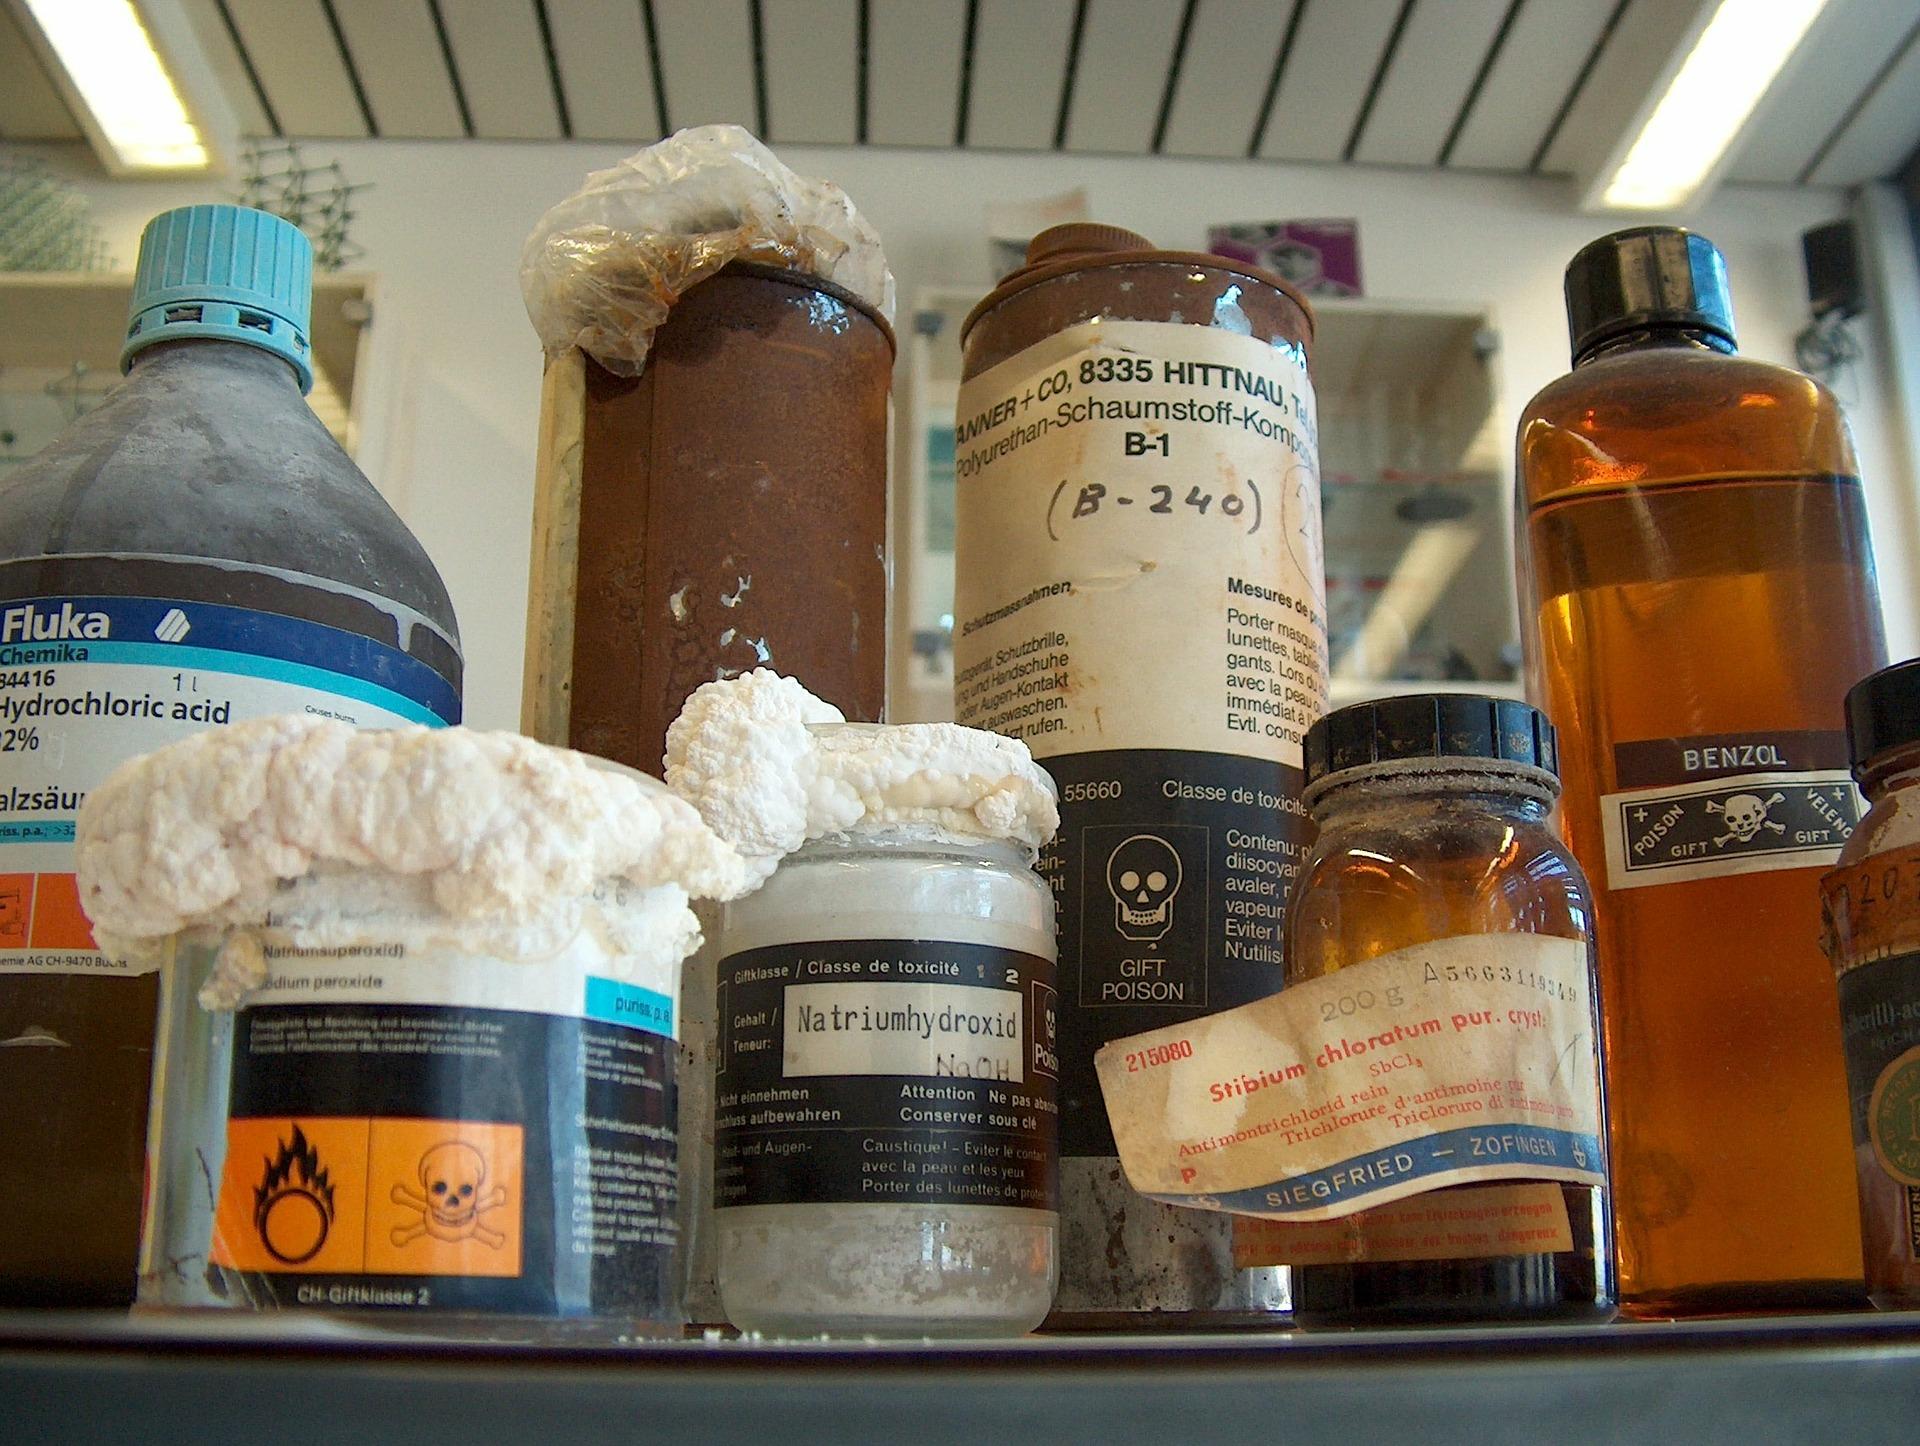 klein chemisch afval lauwersoog